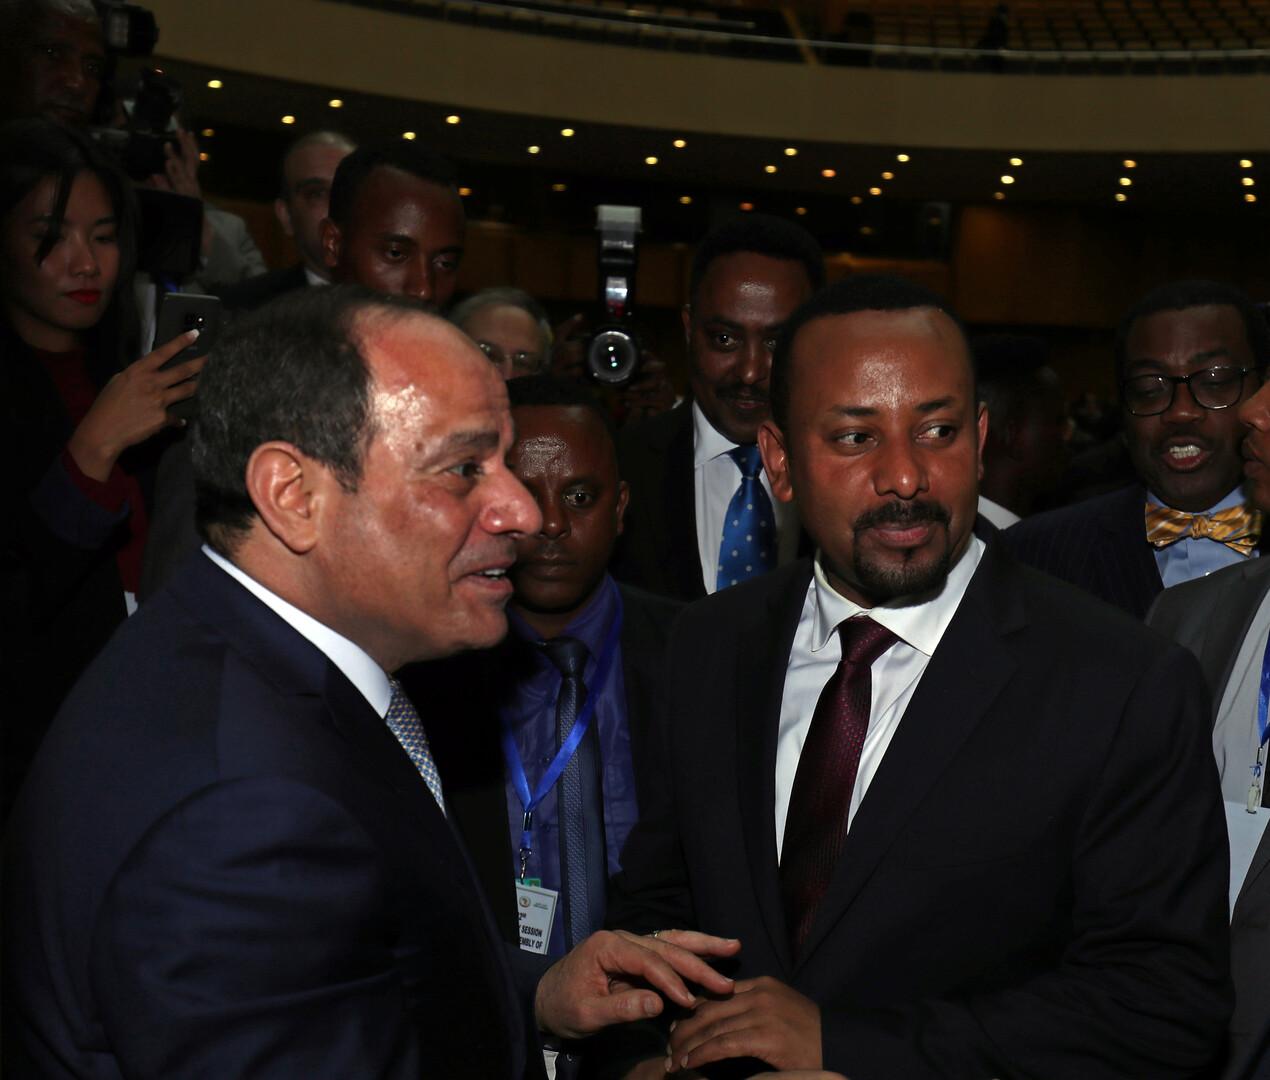 رئيس الوزراء الإثيوبي: إذا كانت هناك حاجة للحرب مع مصر بسبب سد النهضة مستعدون لحشد ملايين الأشخاص